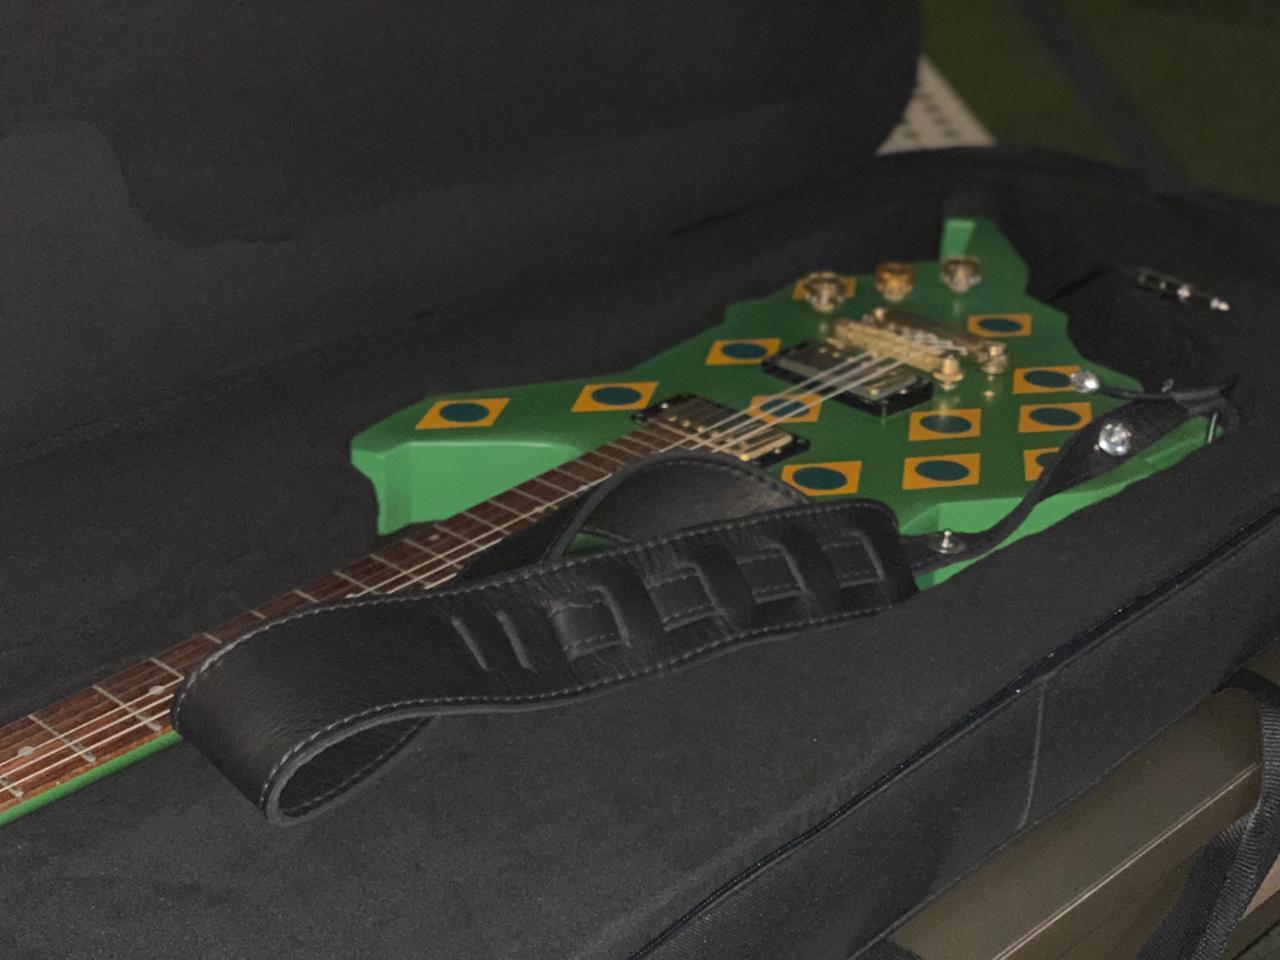 Guitarra usada pelo Scorpions em 1985 no Rock in Rio (Divulgação)